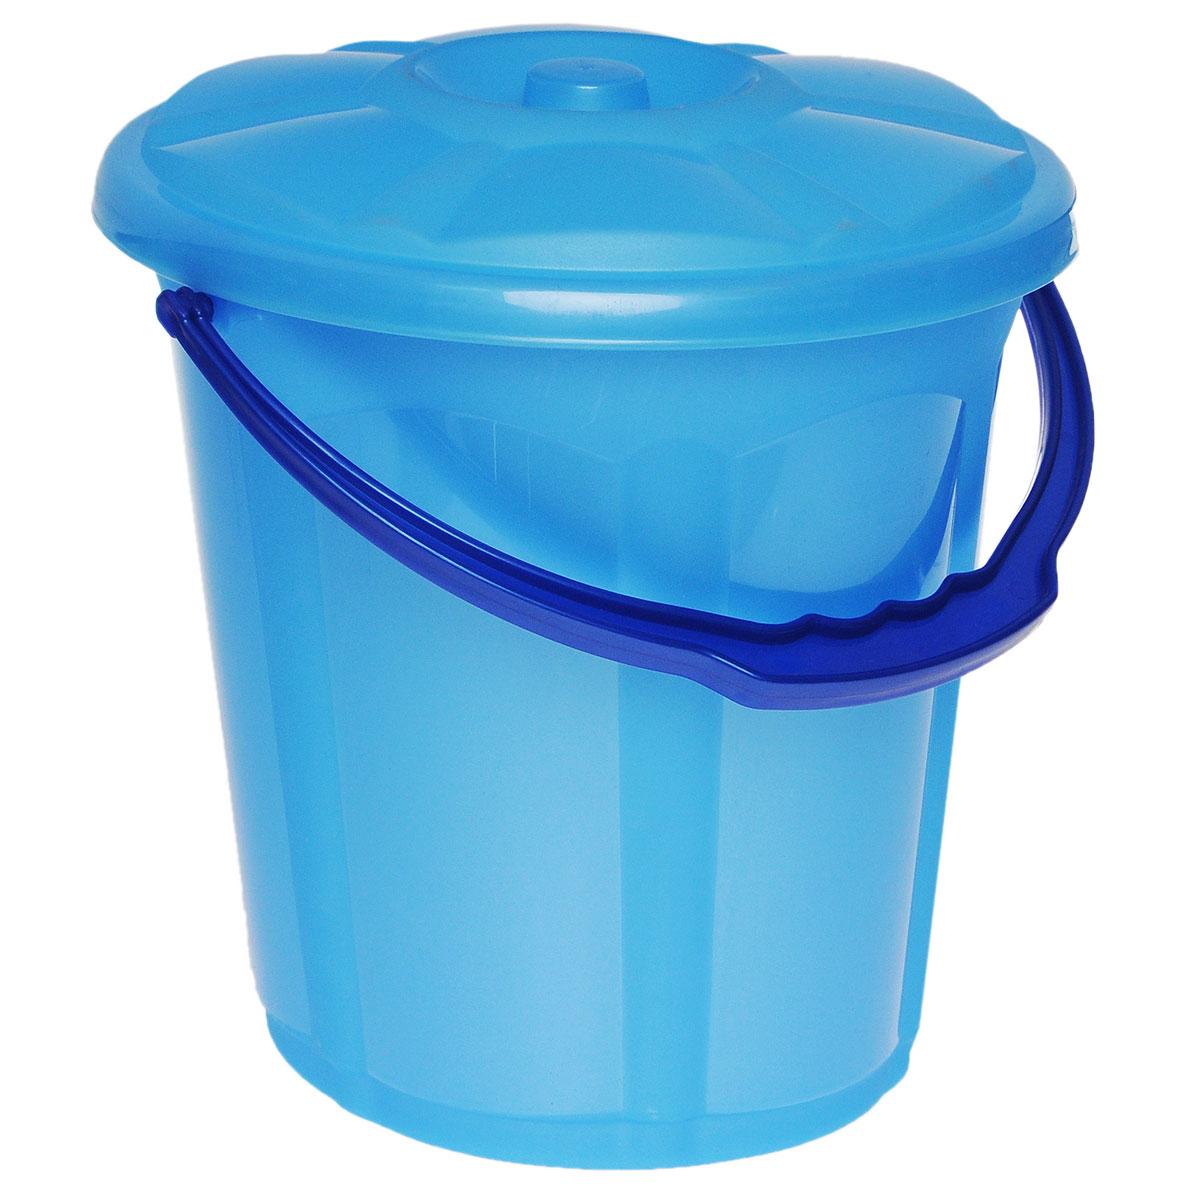 Ведро Dunya Plastik Стиль, с крышкой, цвет: голубой, синий, 5 л09101Ведро Dunya Plastik Стиль изготовлено из прочного пластика. Ведро оснащено плотно закрывающейся крышкой и удобной ручкой. Такое ведро прекрасно подойдет для различных хозяйственных нужд: для уборки или хранения мусора. Диаметр ведра (по верхнему краю): 20,5 см. Высота (без учета крышки): 20 см.